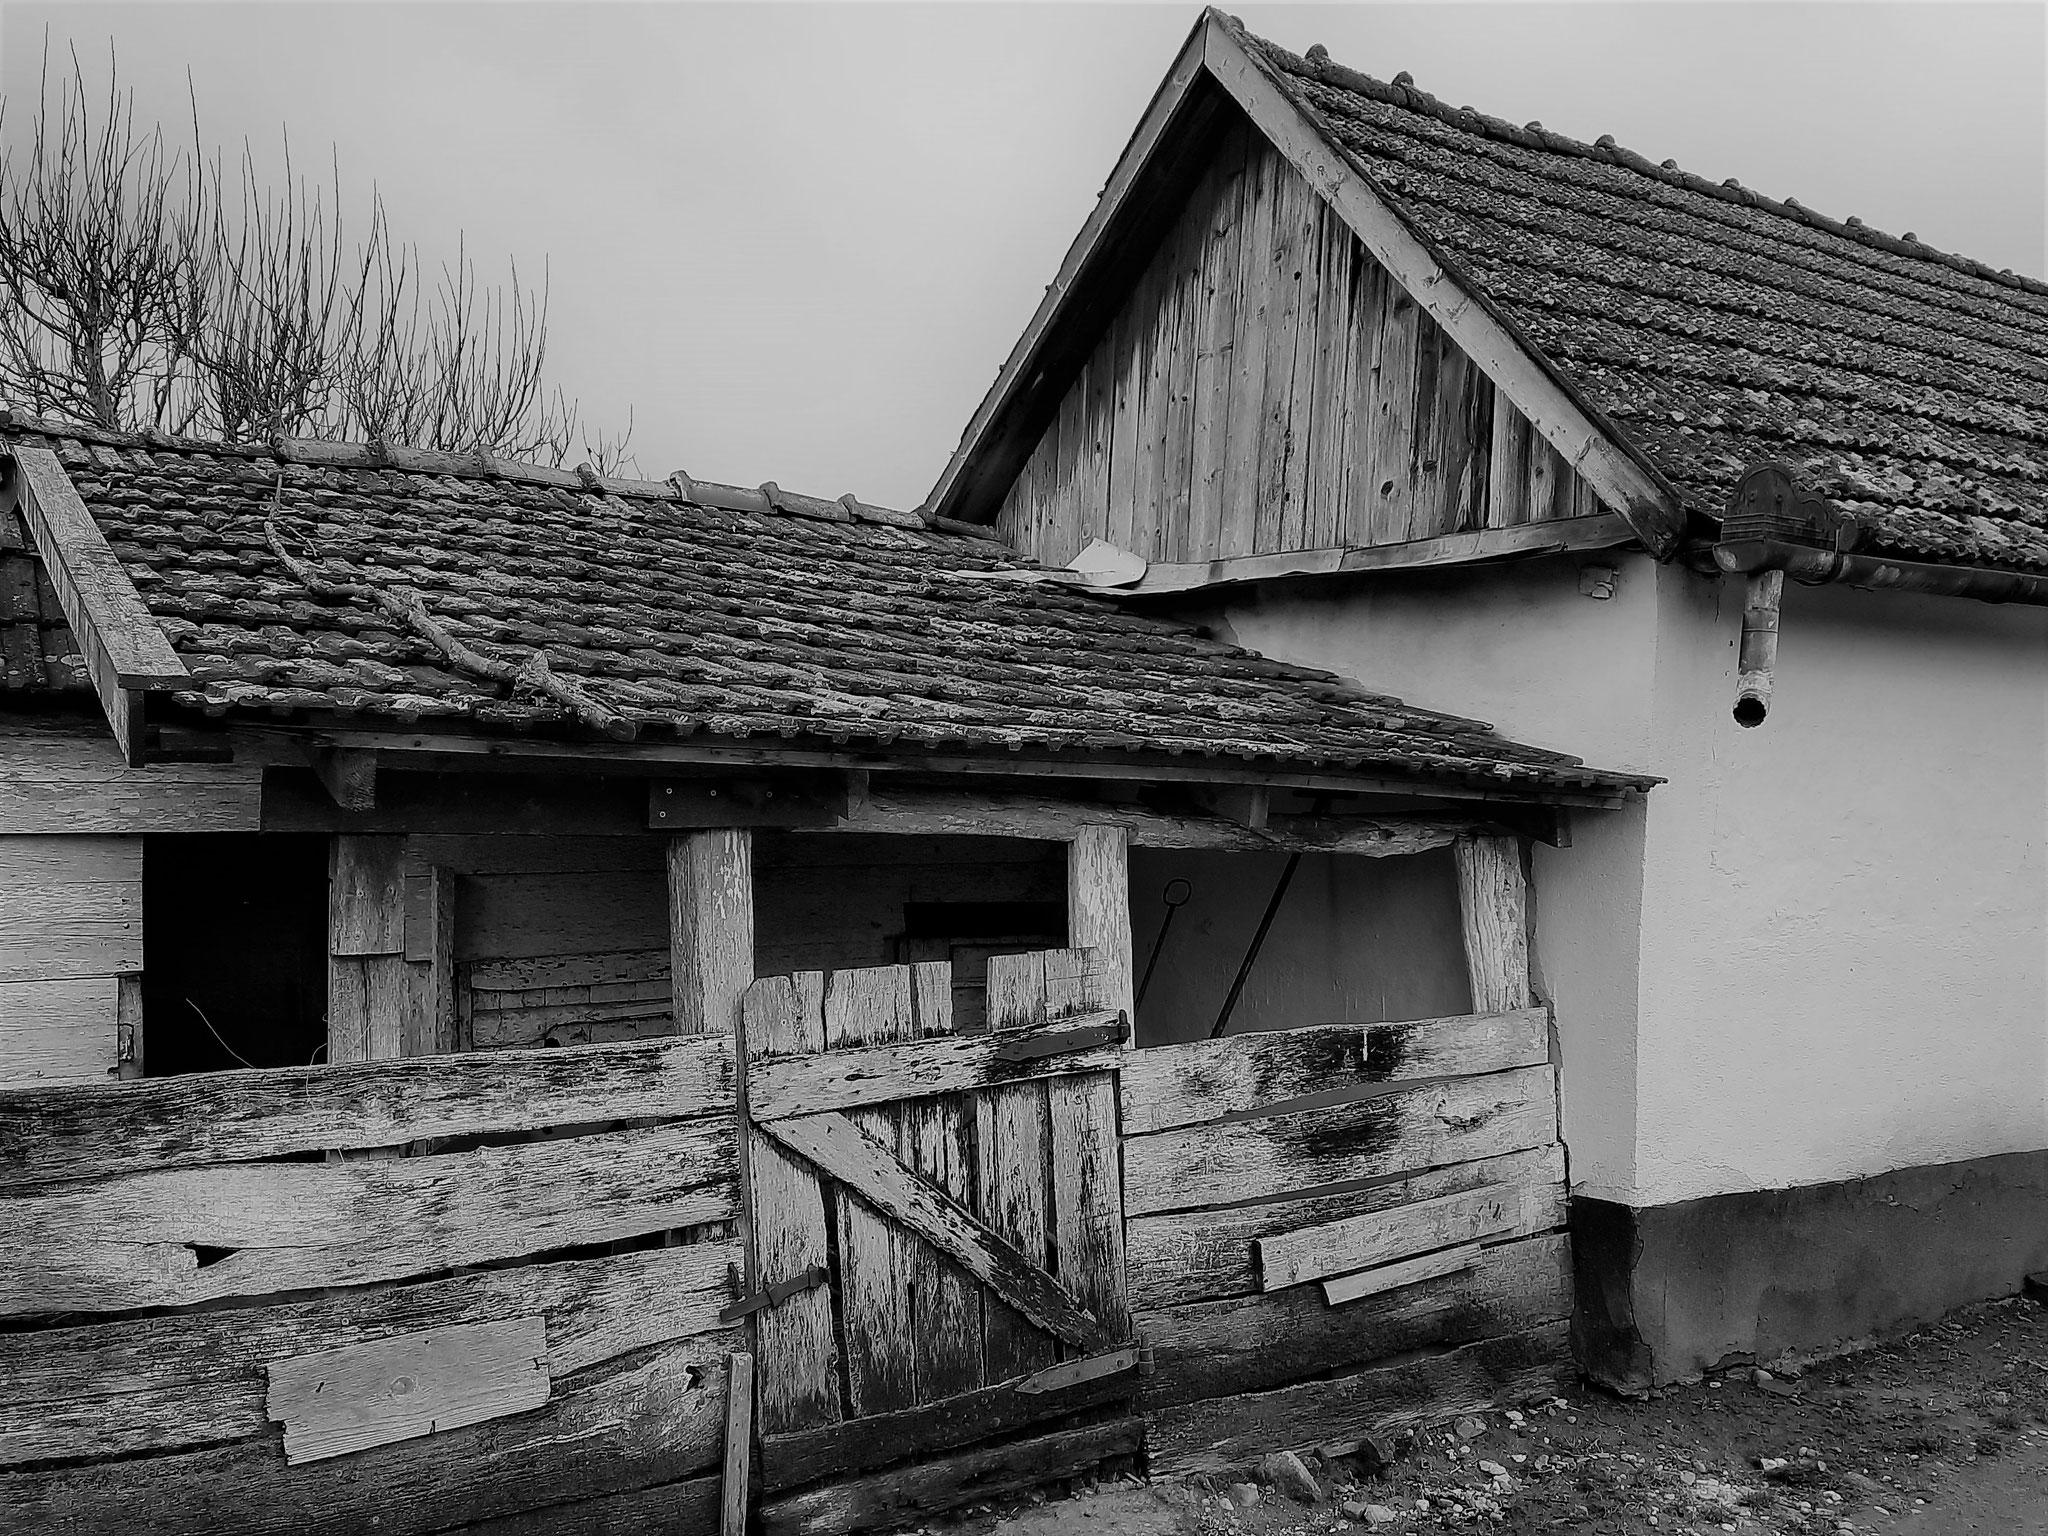 Foto: Körösi Mátyás Zoltán (Sălard/ Szalárd)